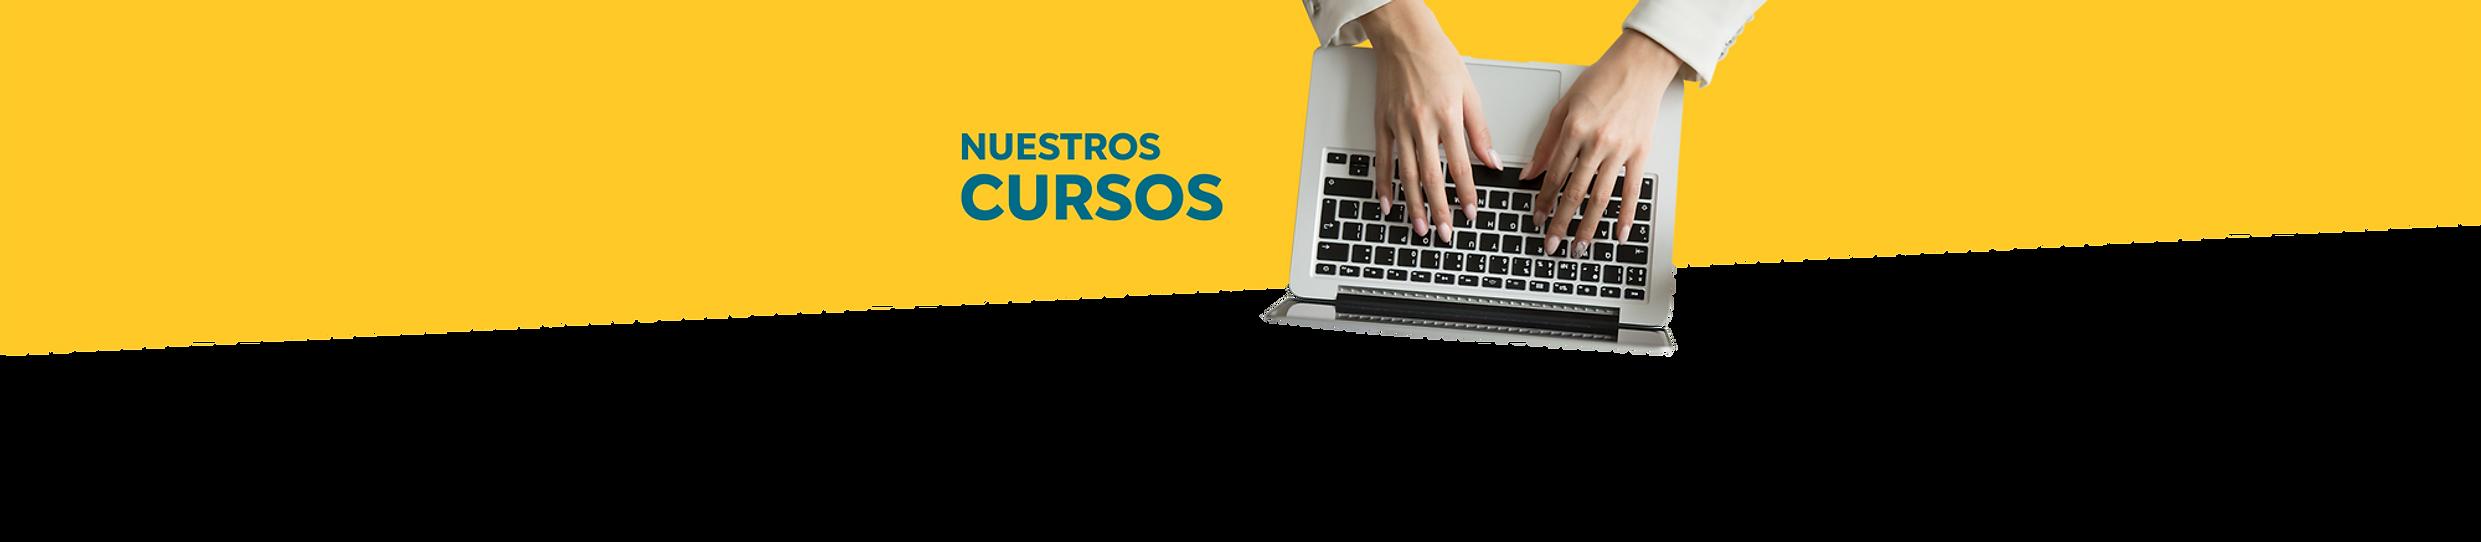 CURSOS-02.png